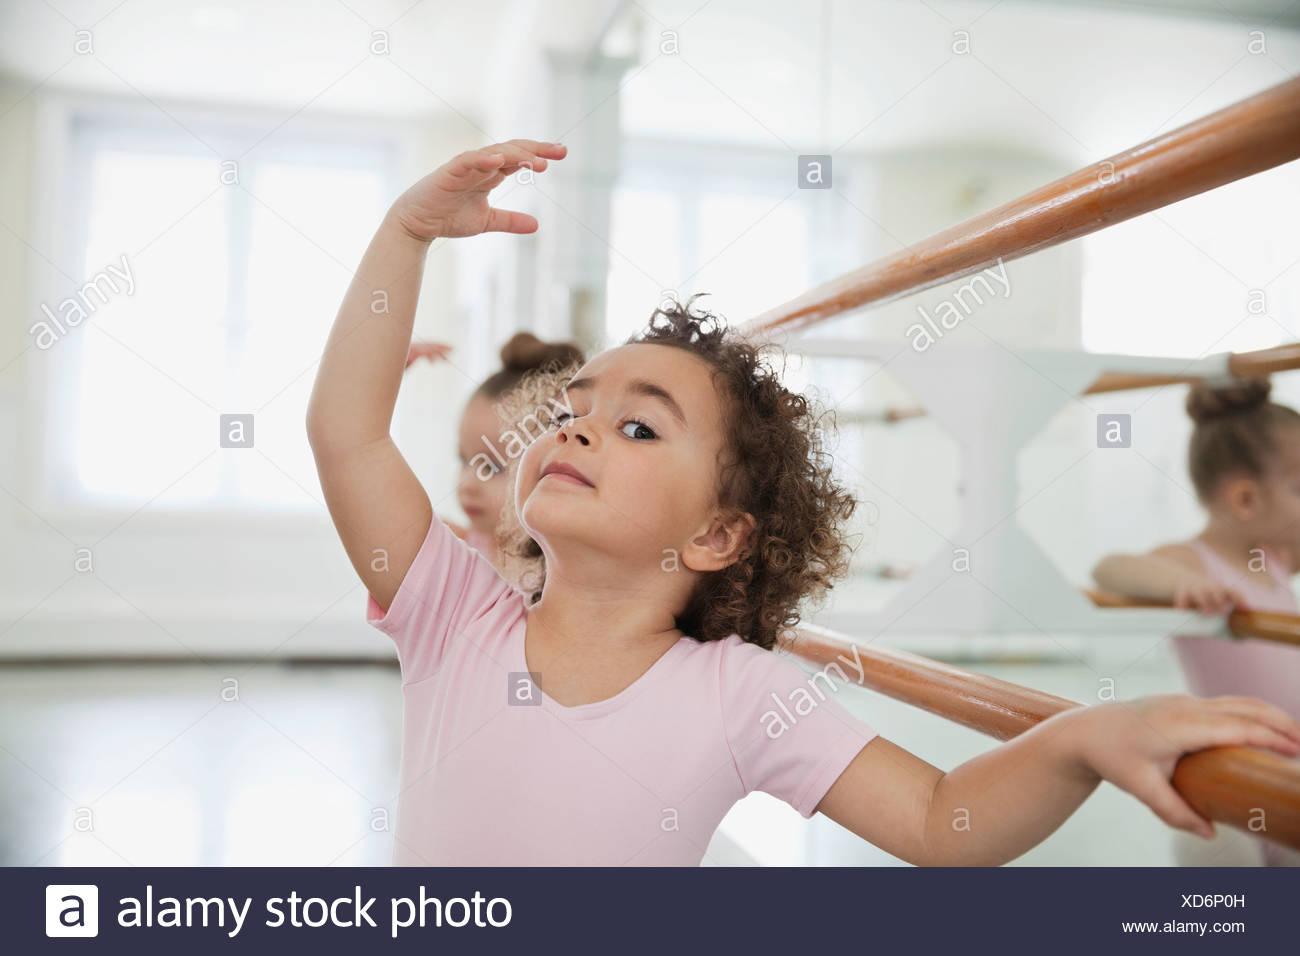 Portrait of Girl practicing ballet avec ami in ballet studio Photo Stock